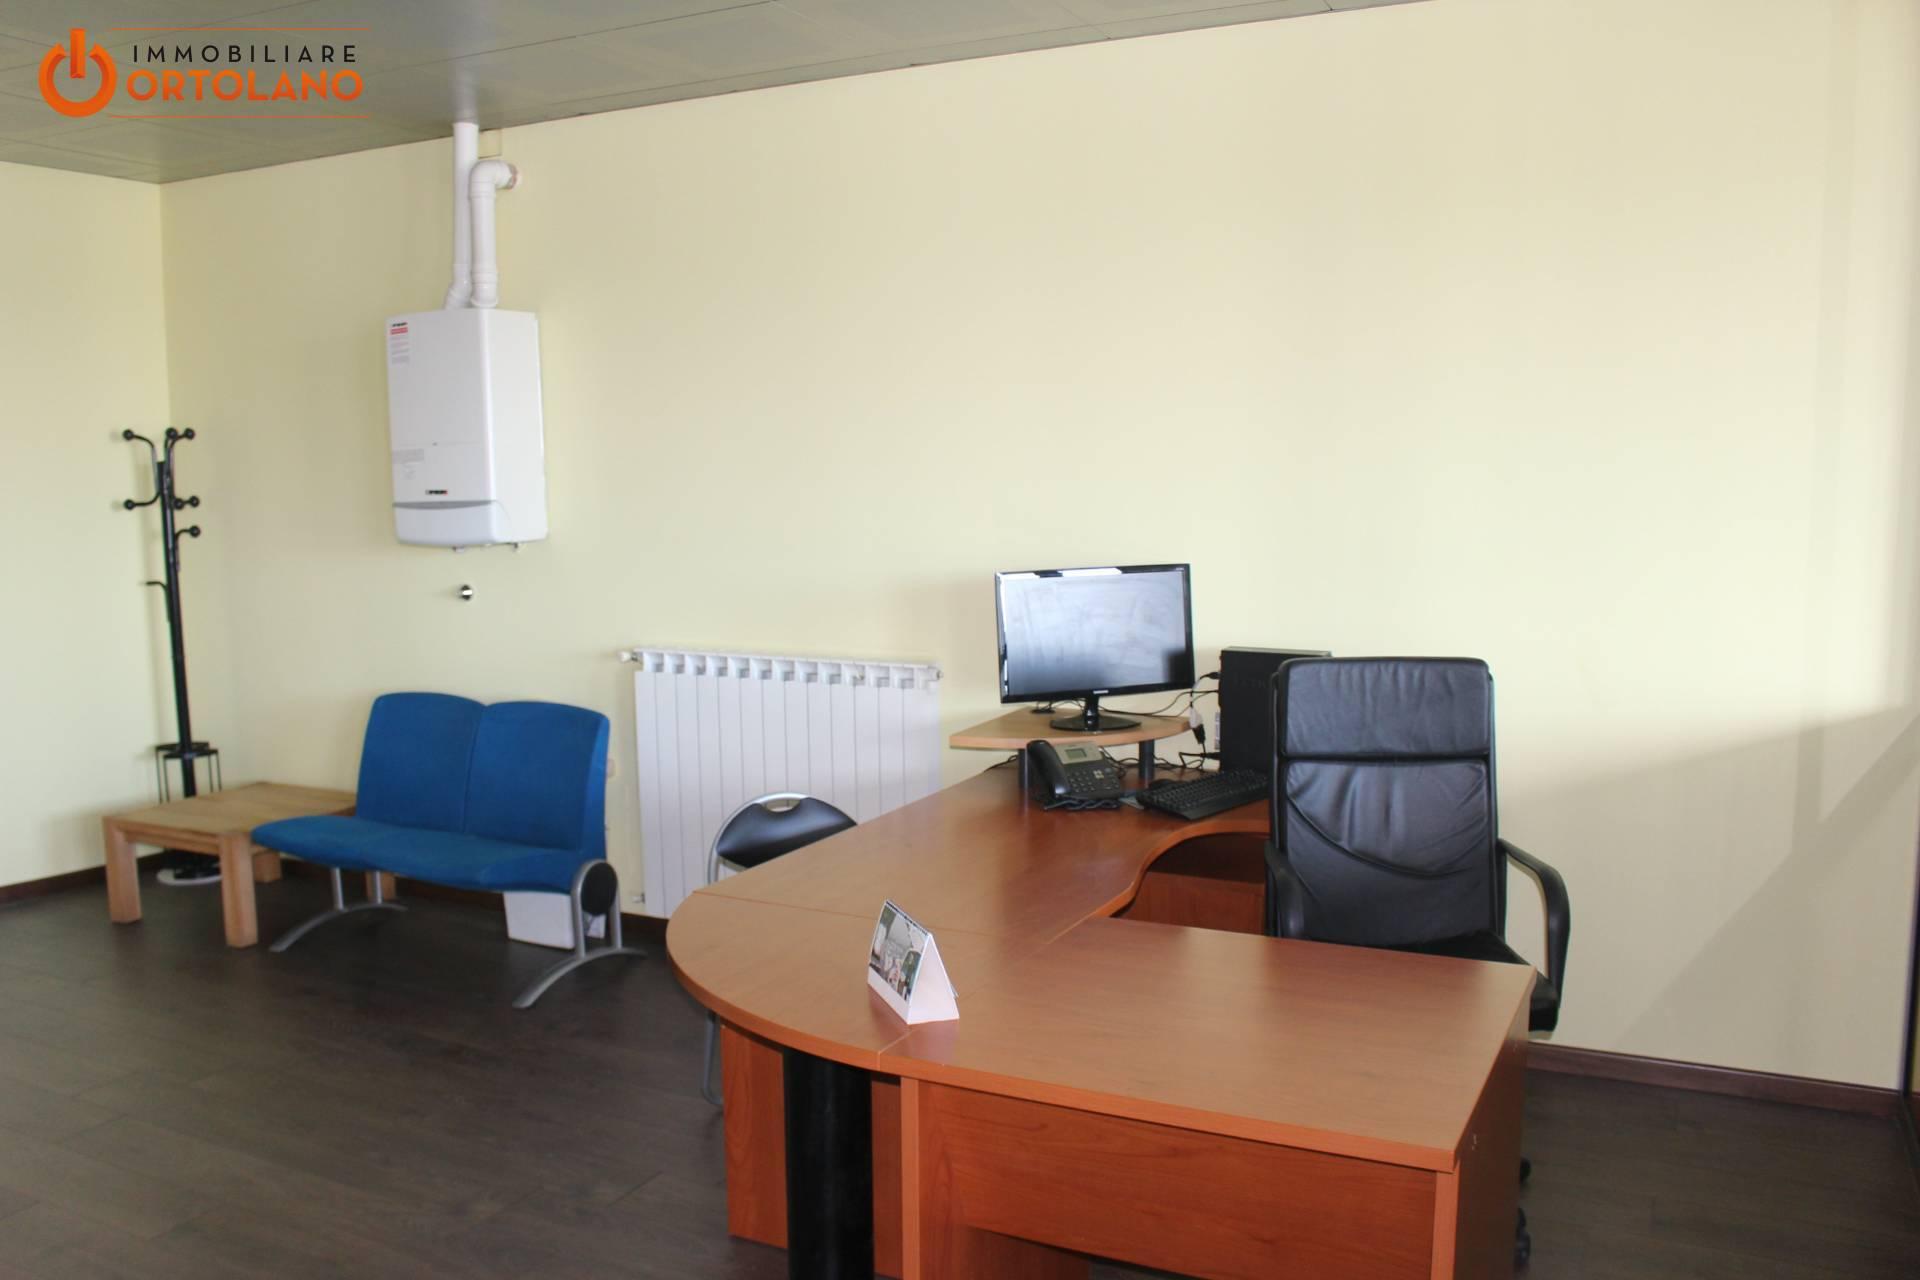 Ufficio / Studio in affitto a Turriaco, 9999 locali, prezzo € 500 | CambioCasa.it